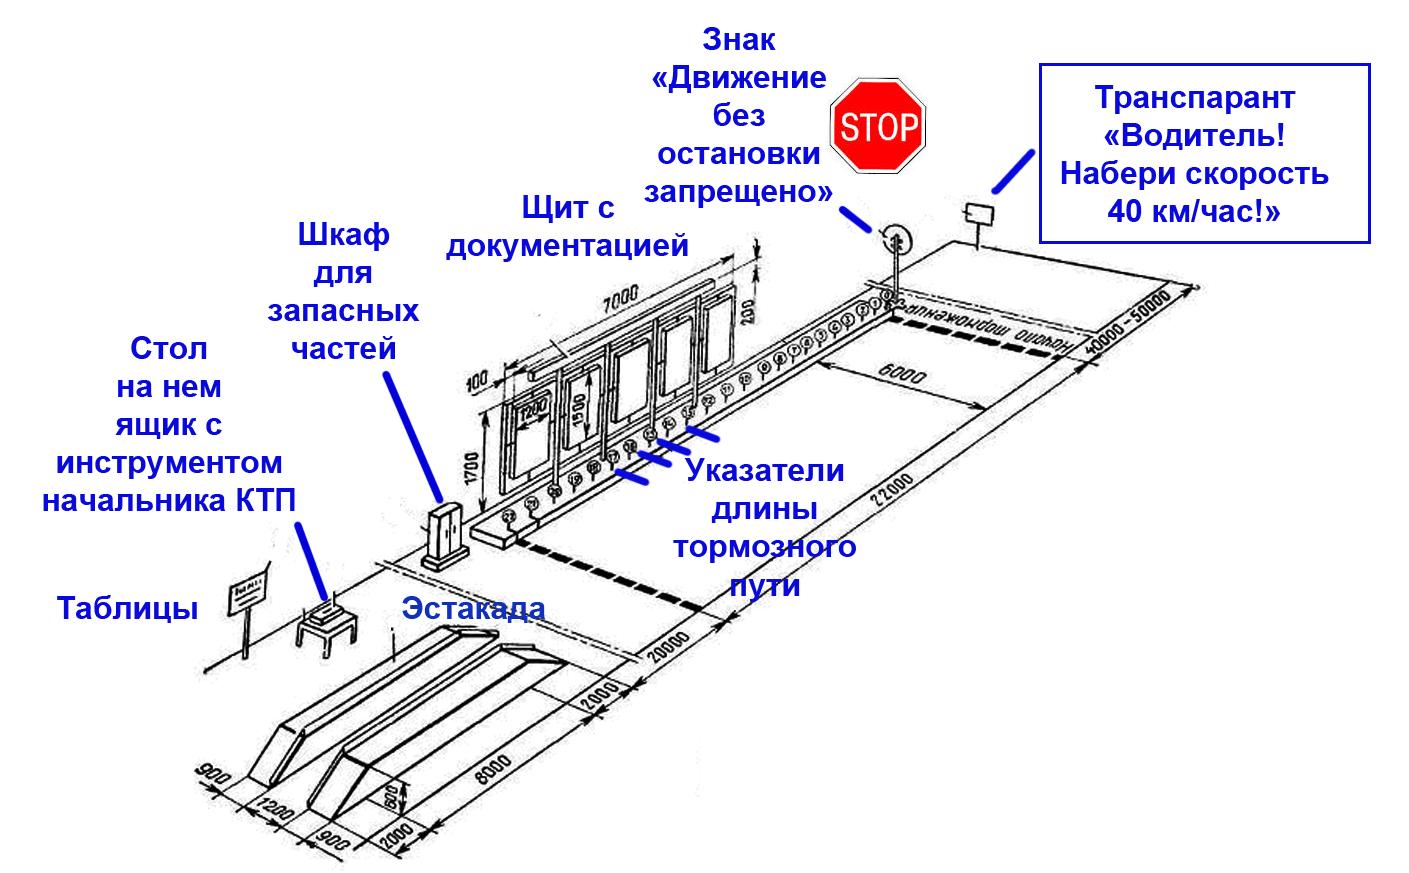 Инструкции Технического Состояния Автомобиля Перед Выездом